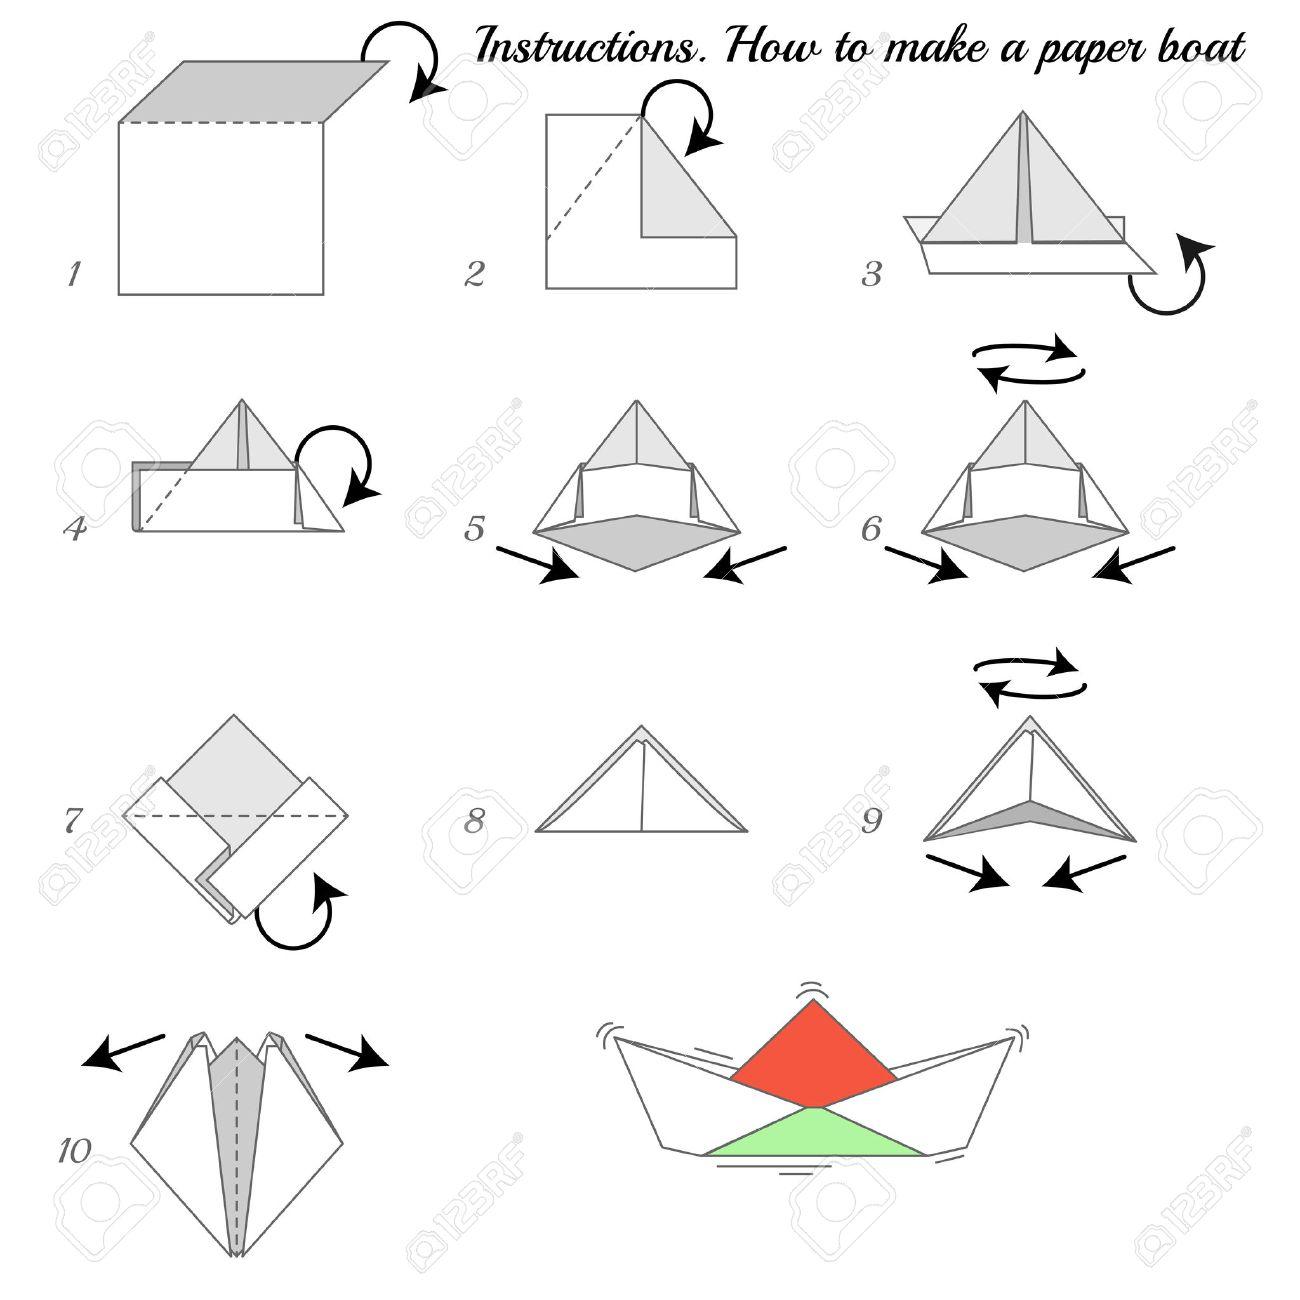 Instructions Comment Fabriquer Du Papier Navire Paper Ship Tutoriel étape Par étape Bateau De Vector Jeu éducatif Pour Les Enfants Jeu Visuel